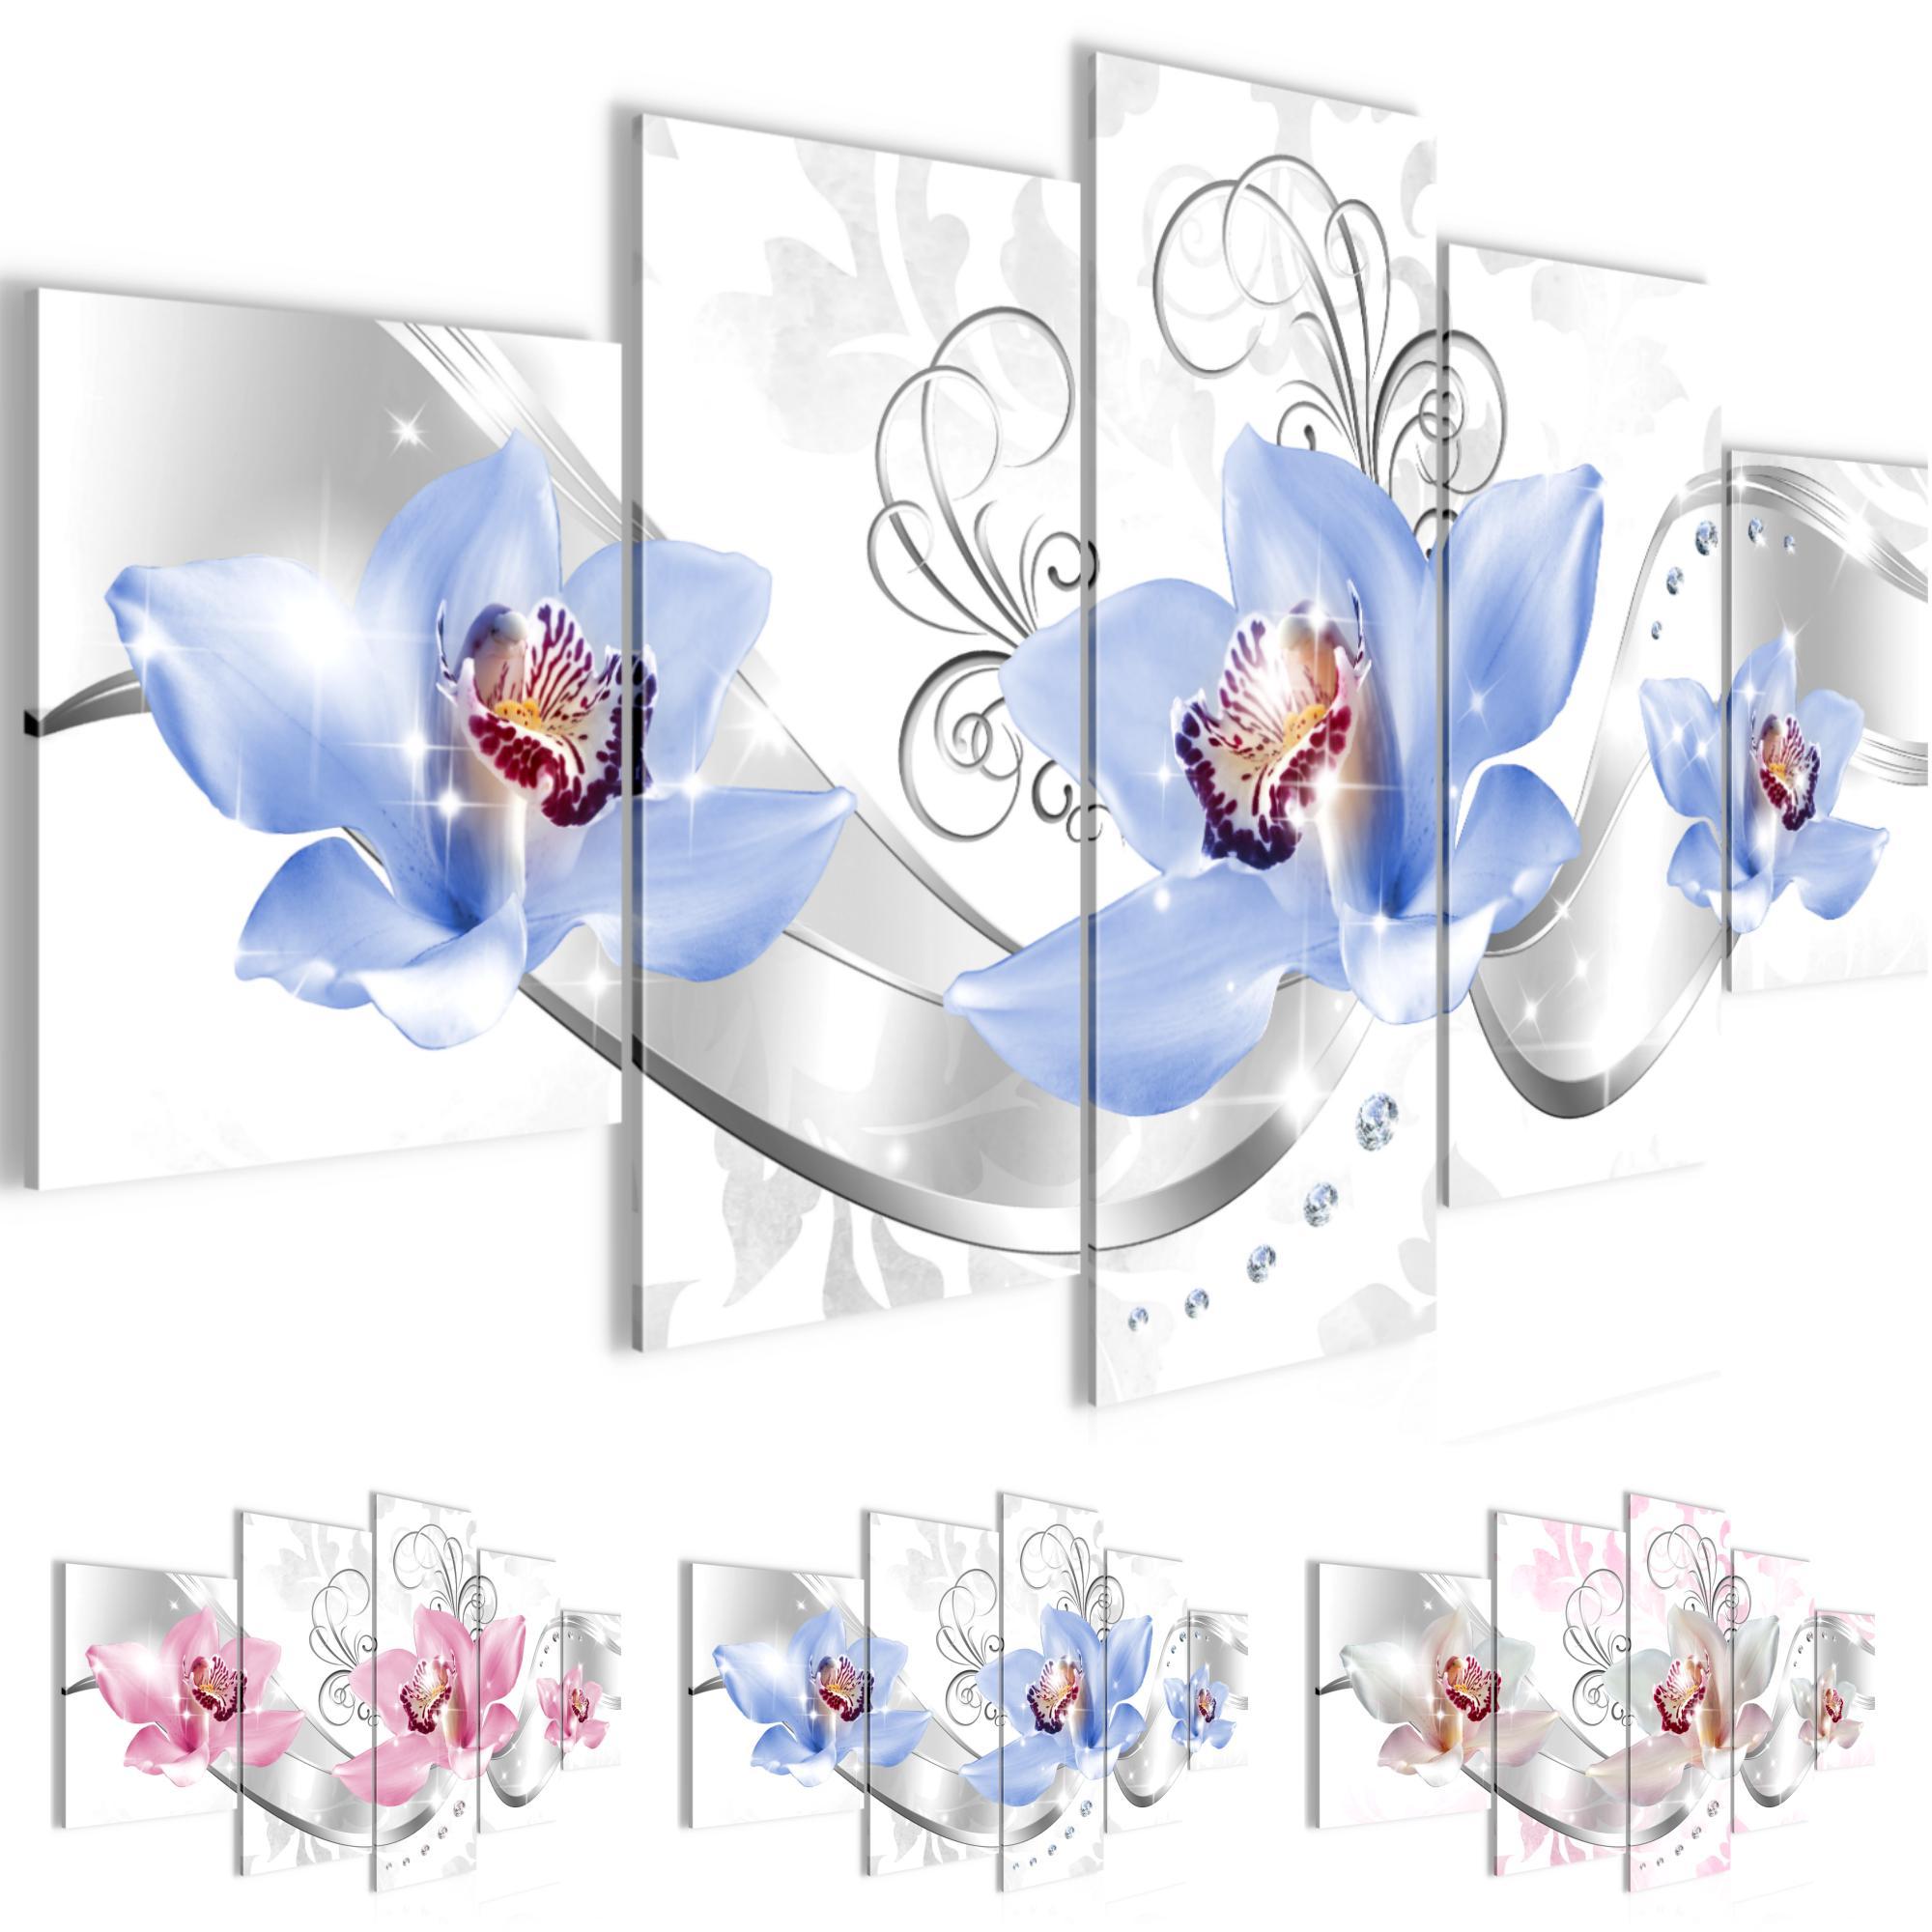 blumen lilie bild kunstdruck auf vlies leinwand xxl dekoration 02315p. Black Bedroom Furniture Sets. Home Design Ideas